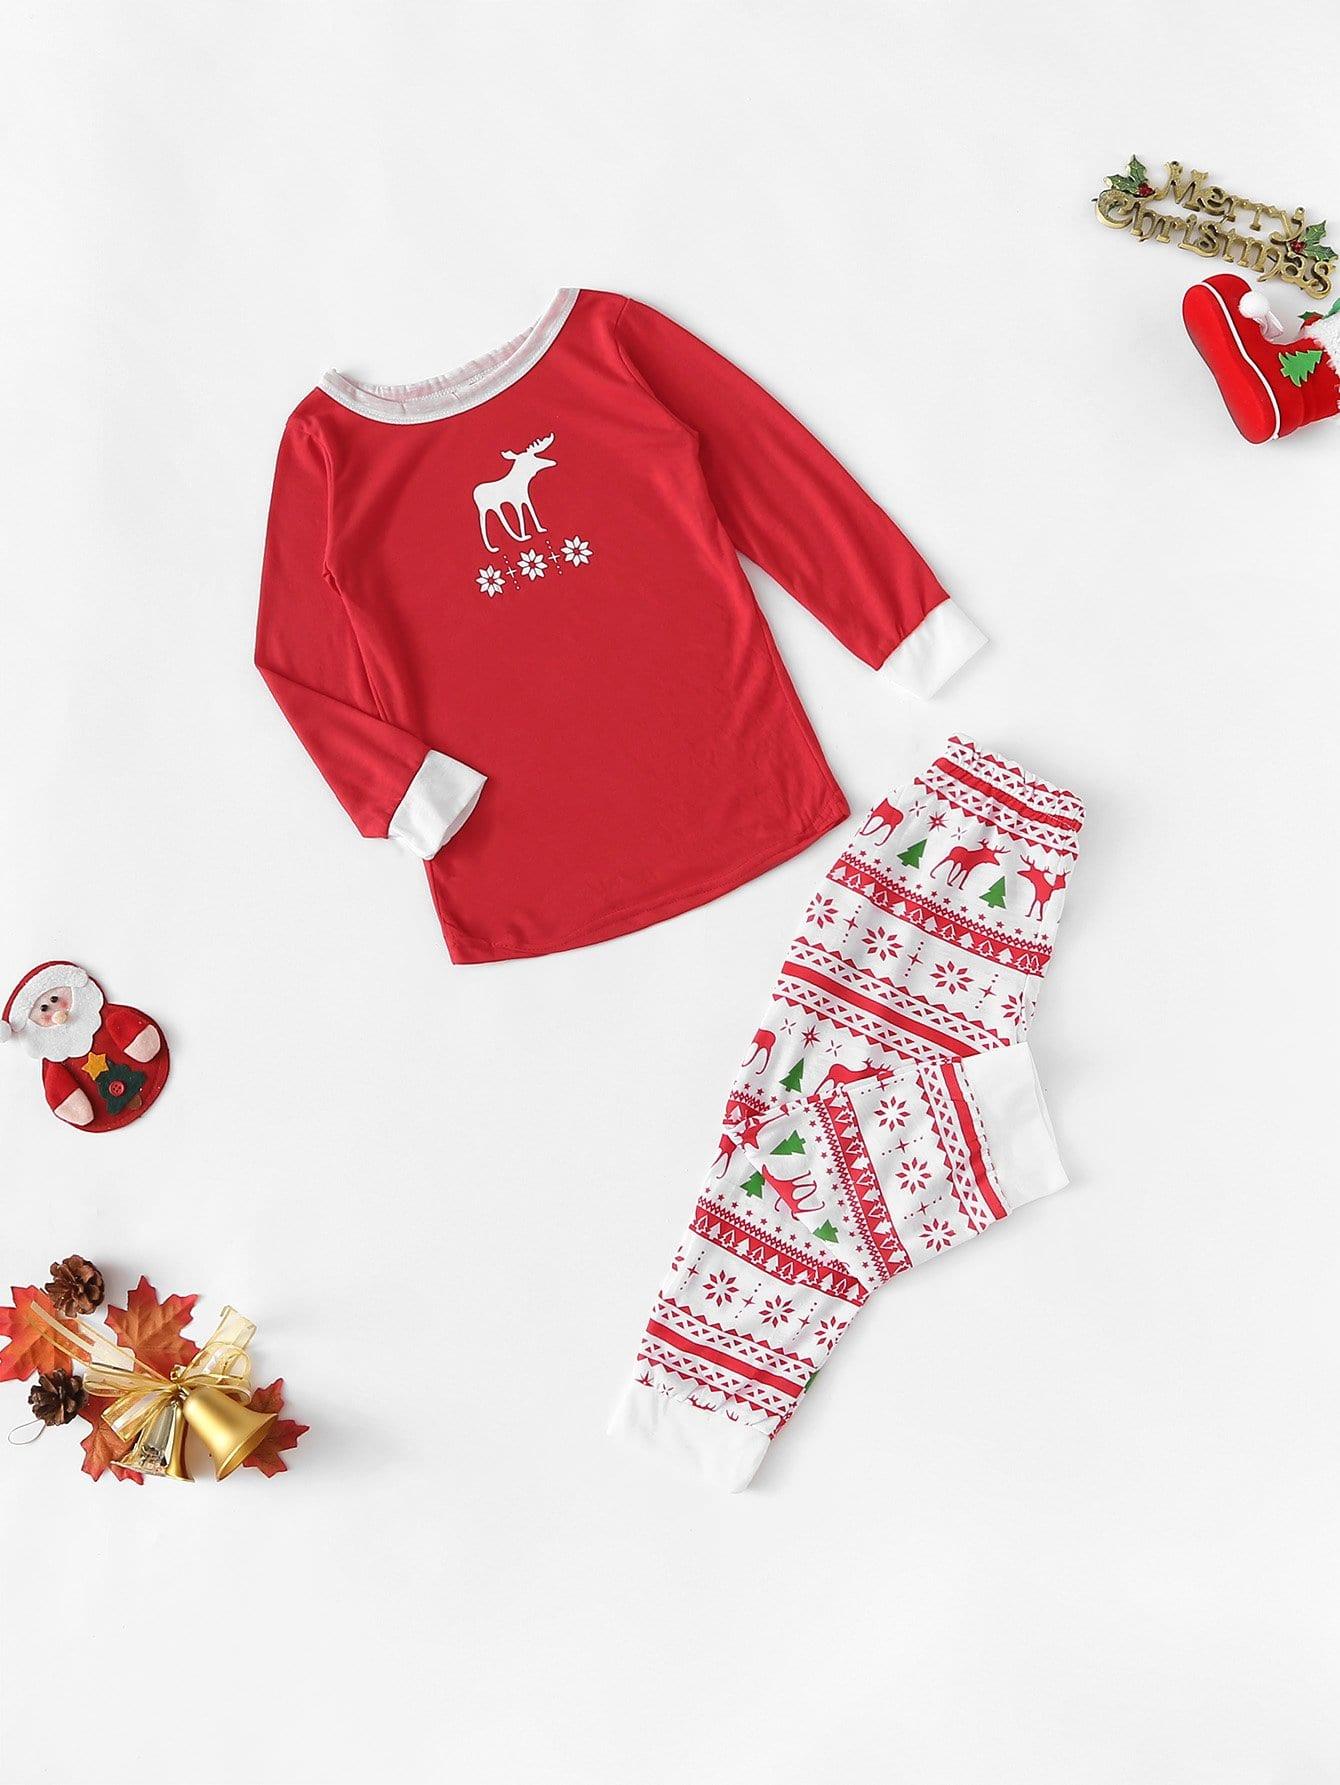 Купить Рождественская пижама с принтом оленя и снега для детей, null, SheIn